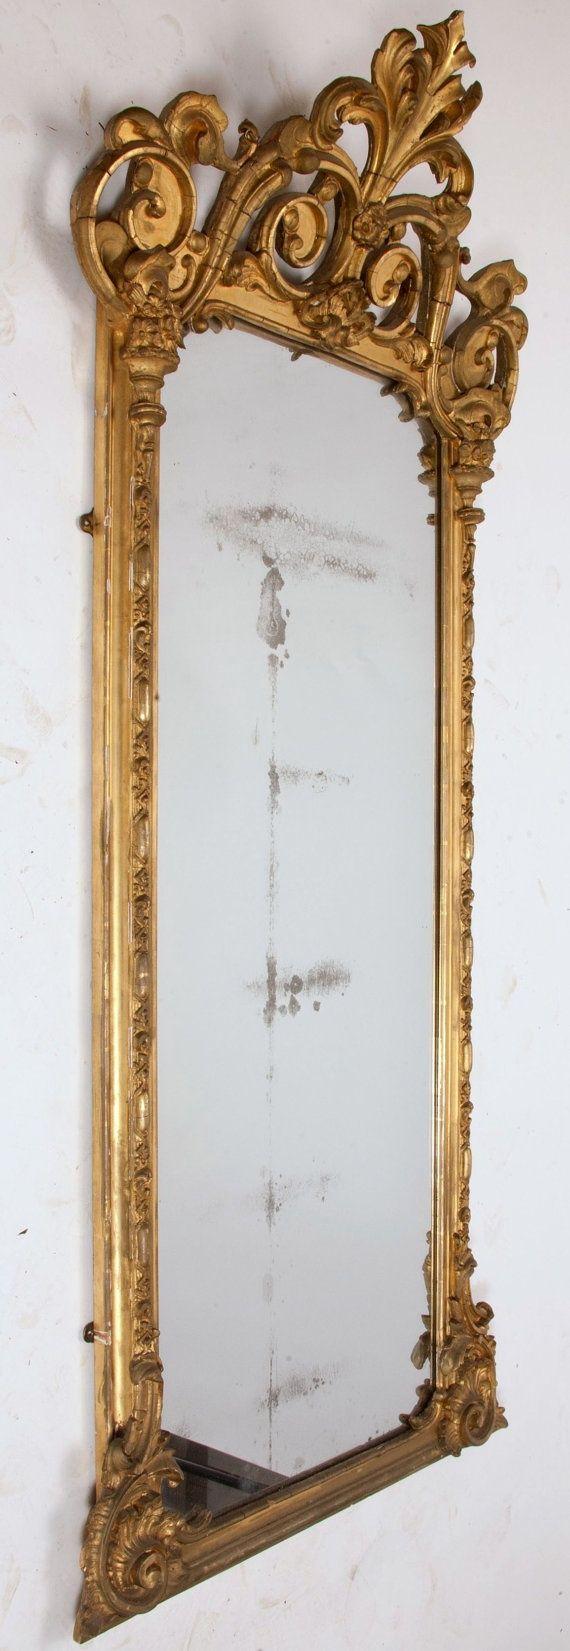 Hereve hal dan 2013 modern hal modelleri ev dekorasyon - Dekoratif Ayna Modelleri